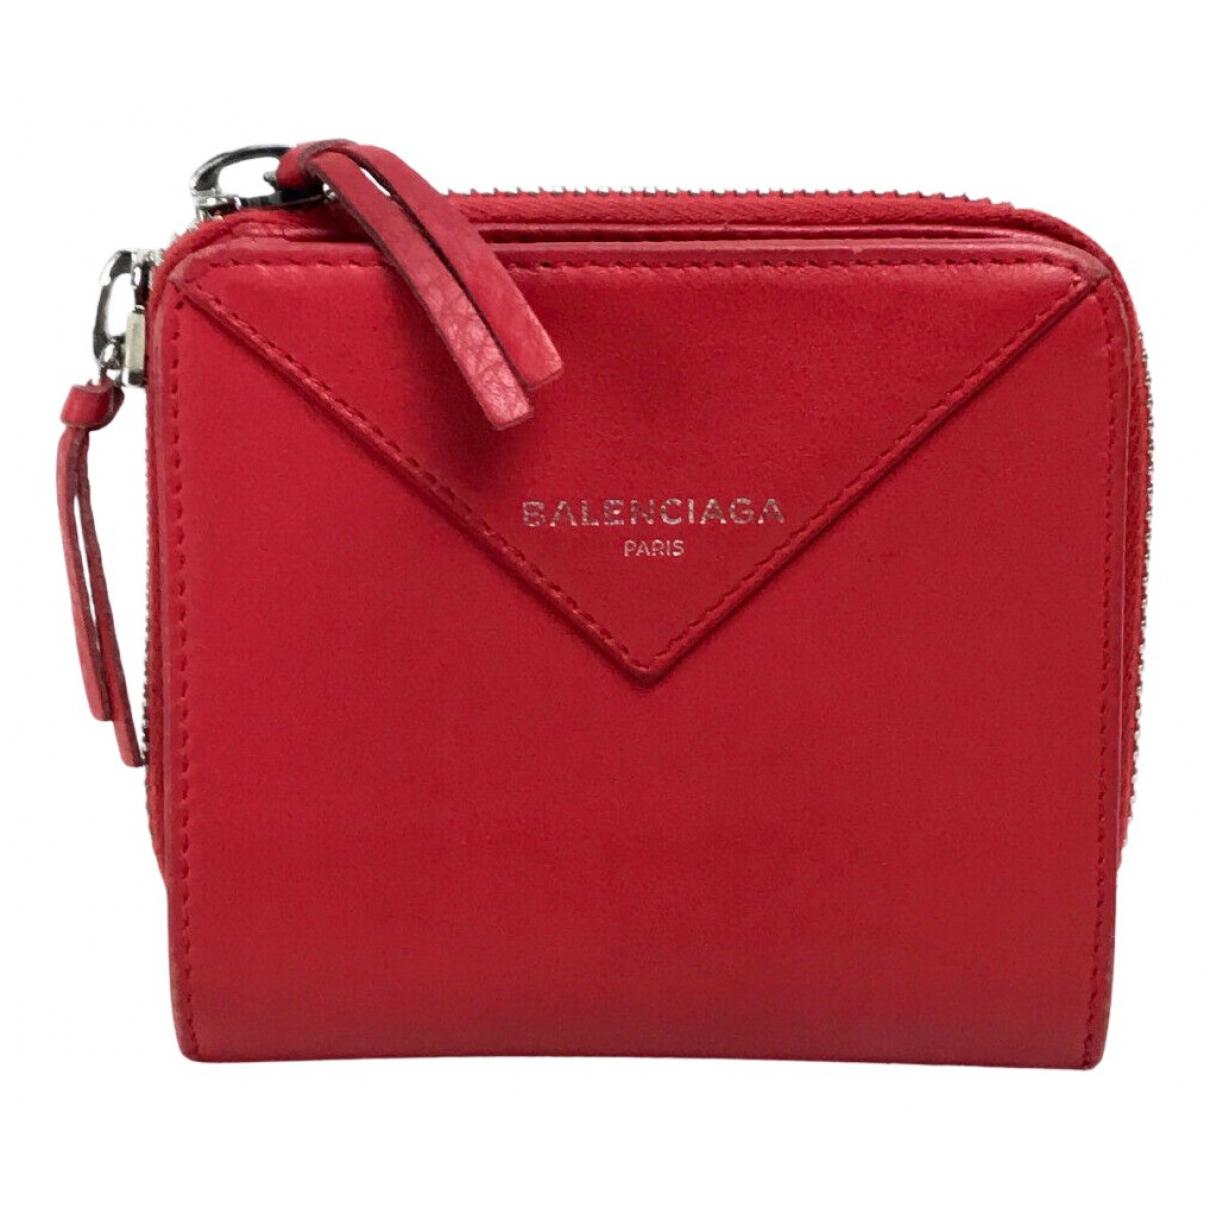 Balenciaga - Portefeuille   pour femme en cuir